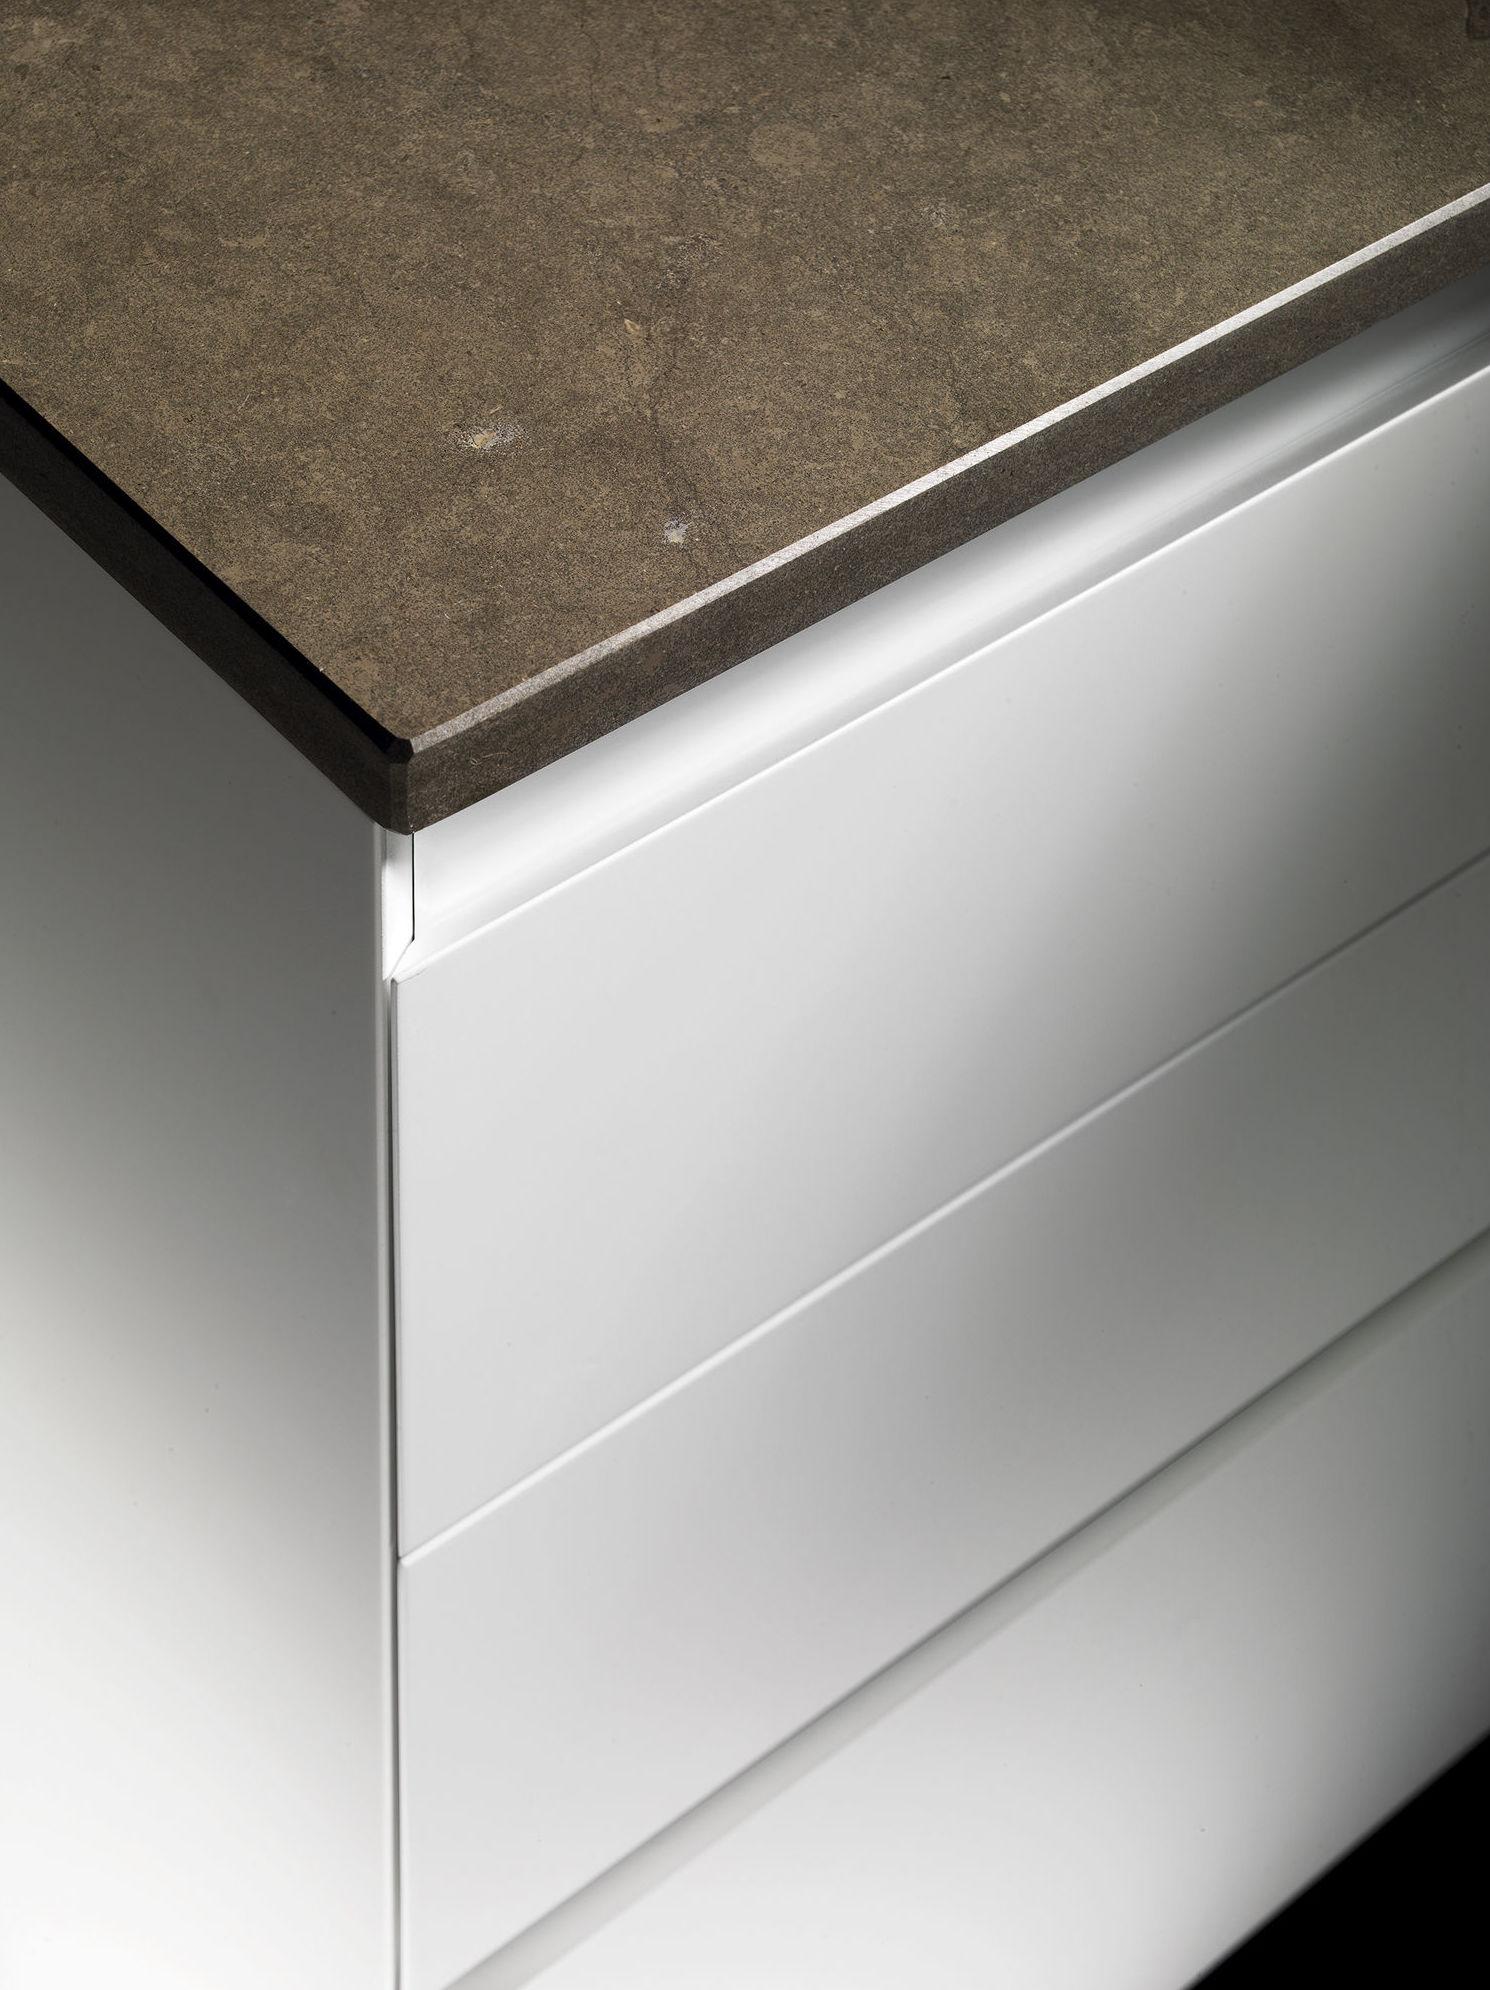 Detalle de mueble de cocina